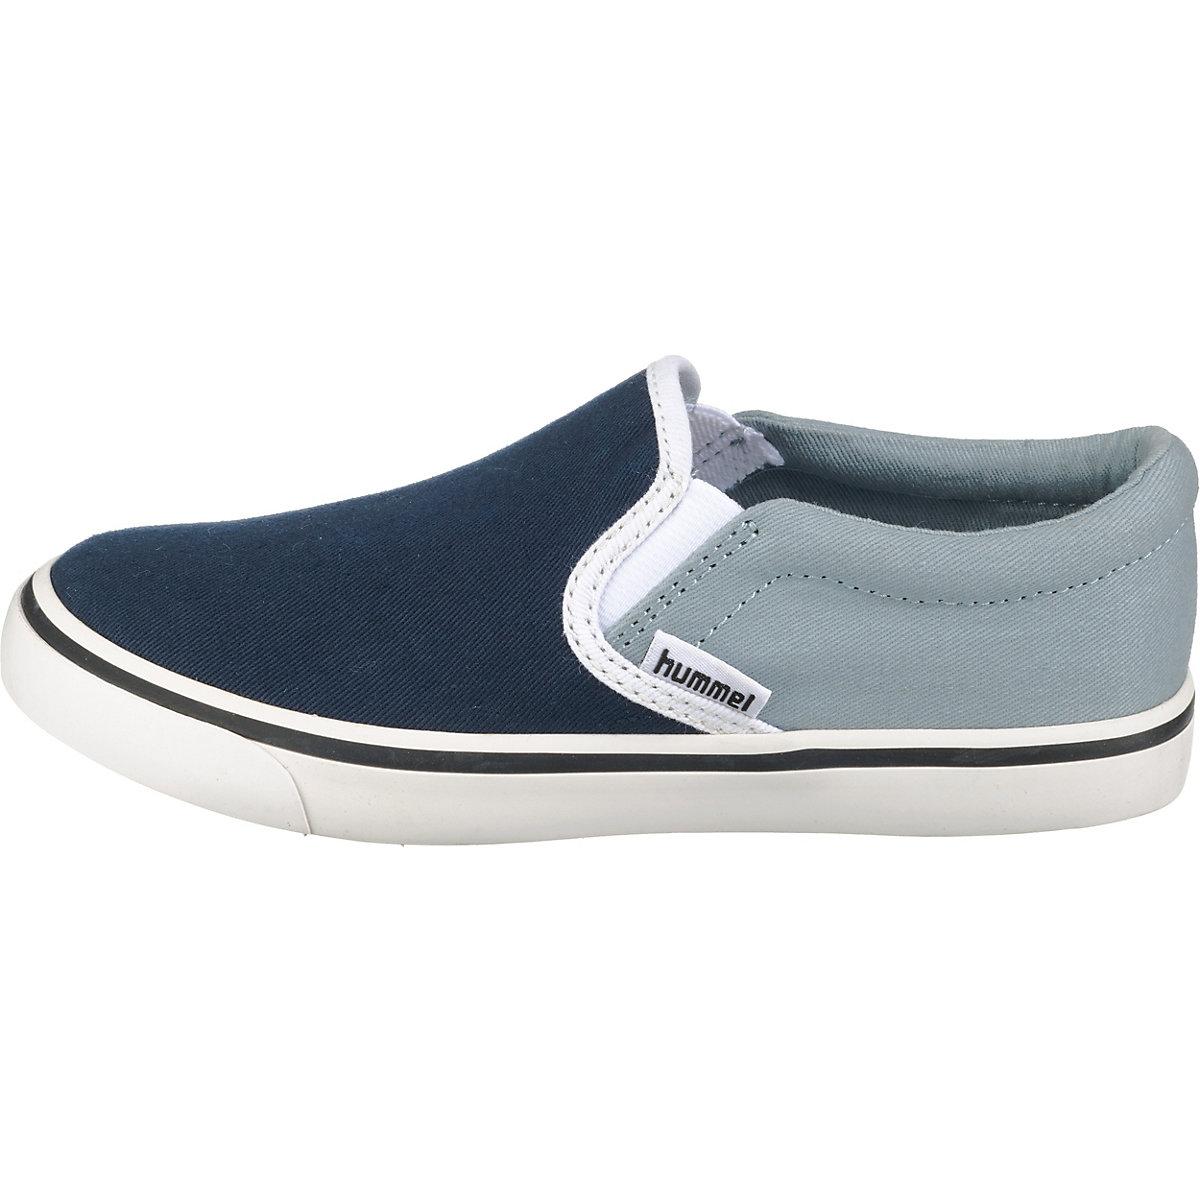 Hummel, Slipper Für Jungen, Blau/grau